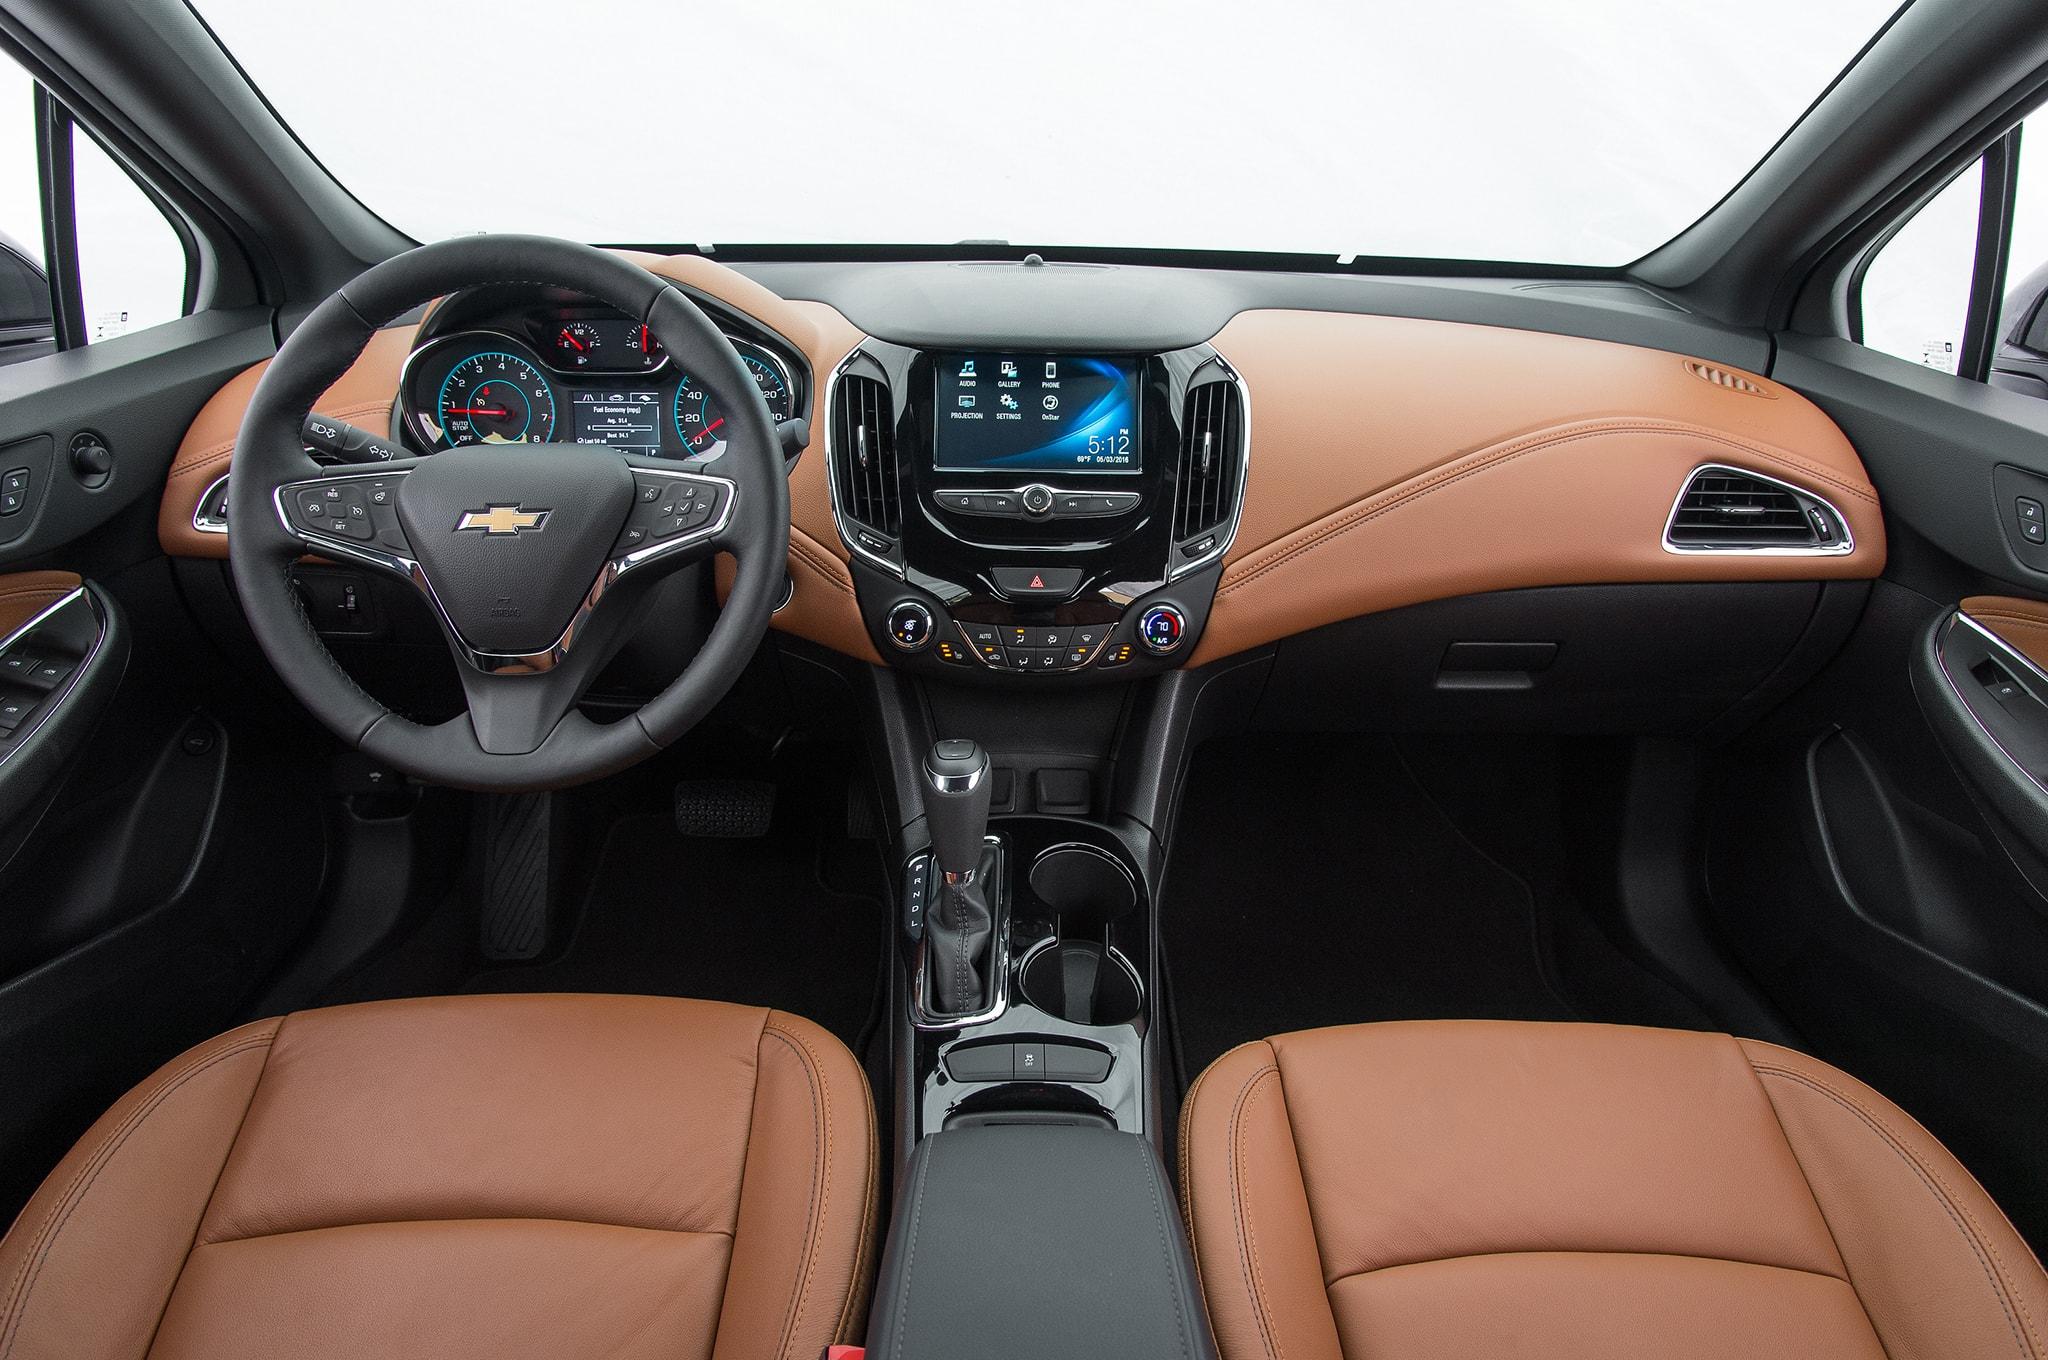 Chevrolet Cruze 2 Widescreen for desktop